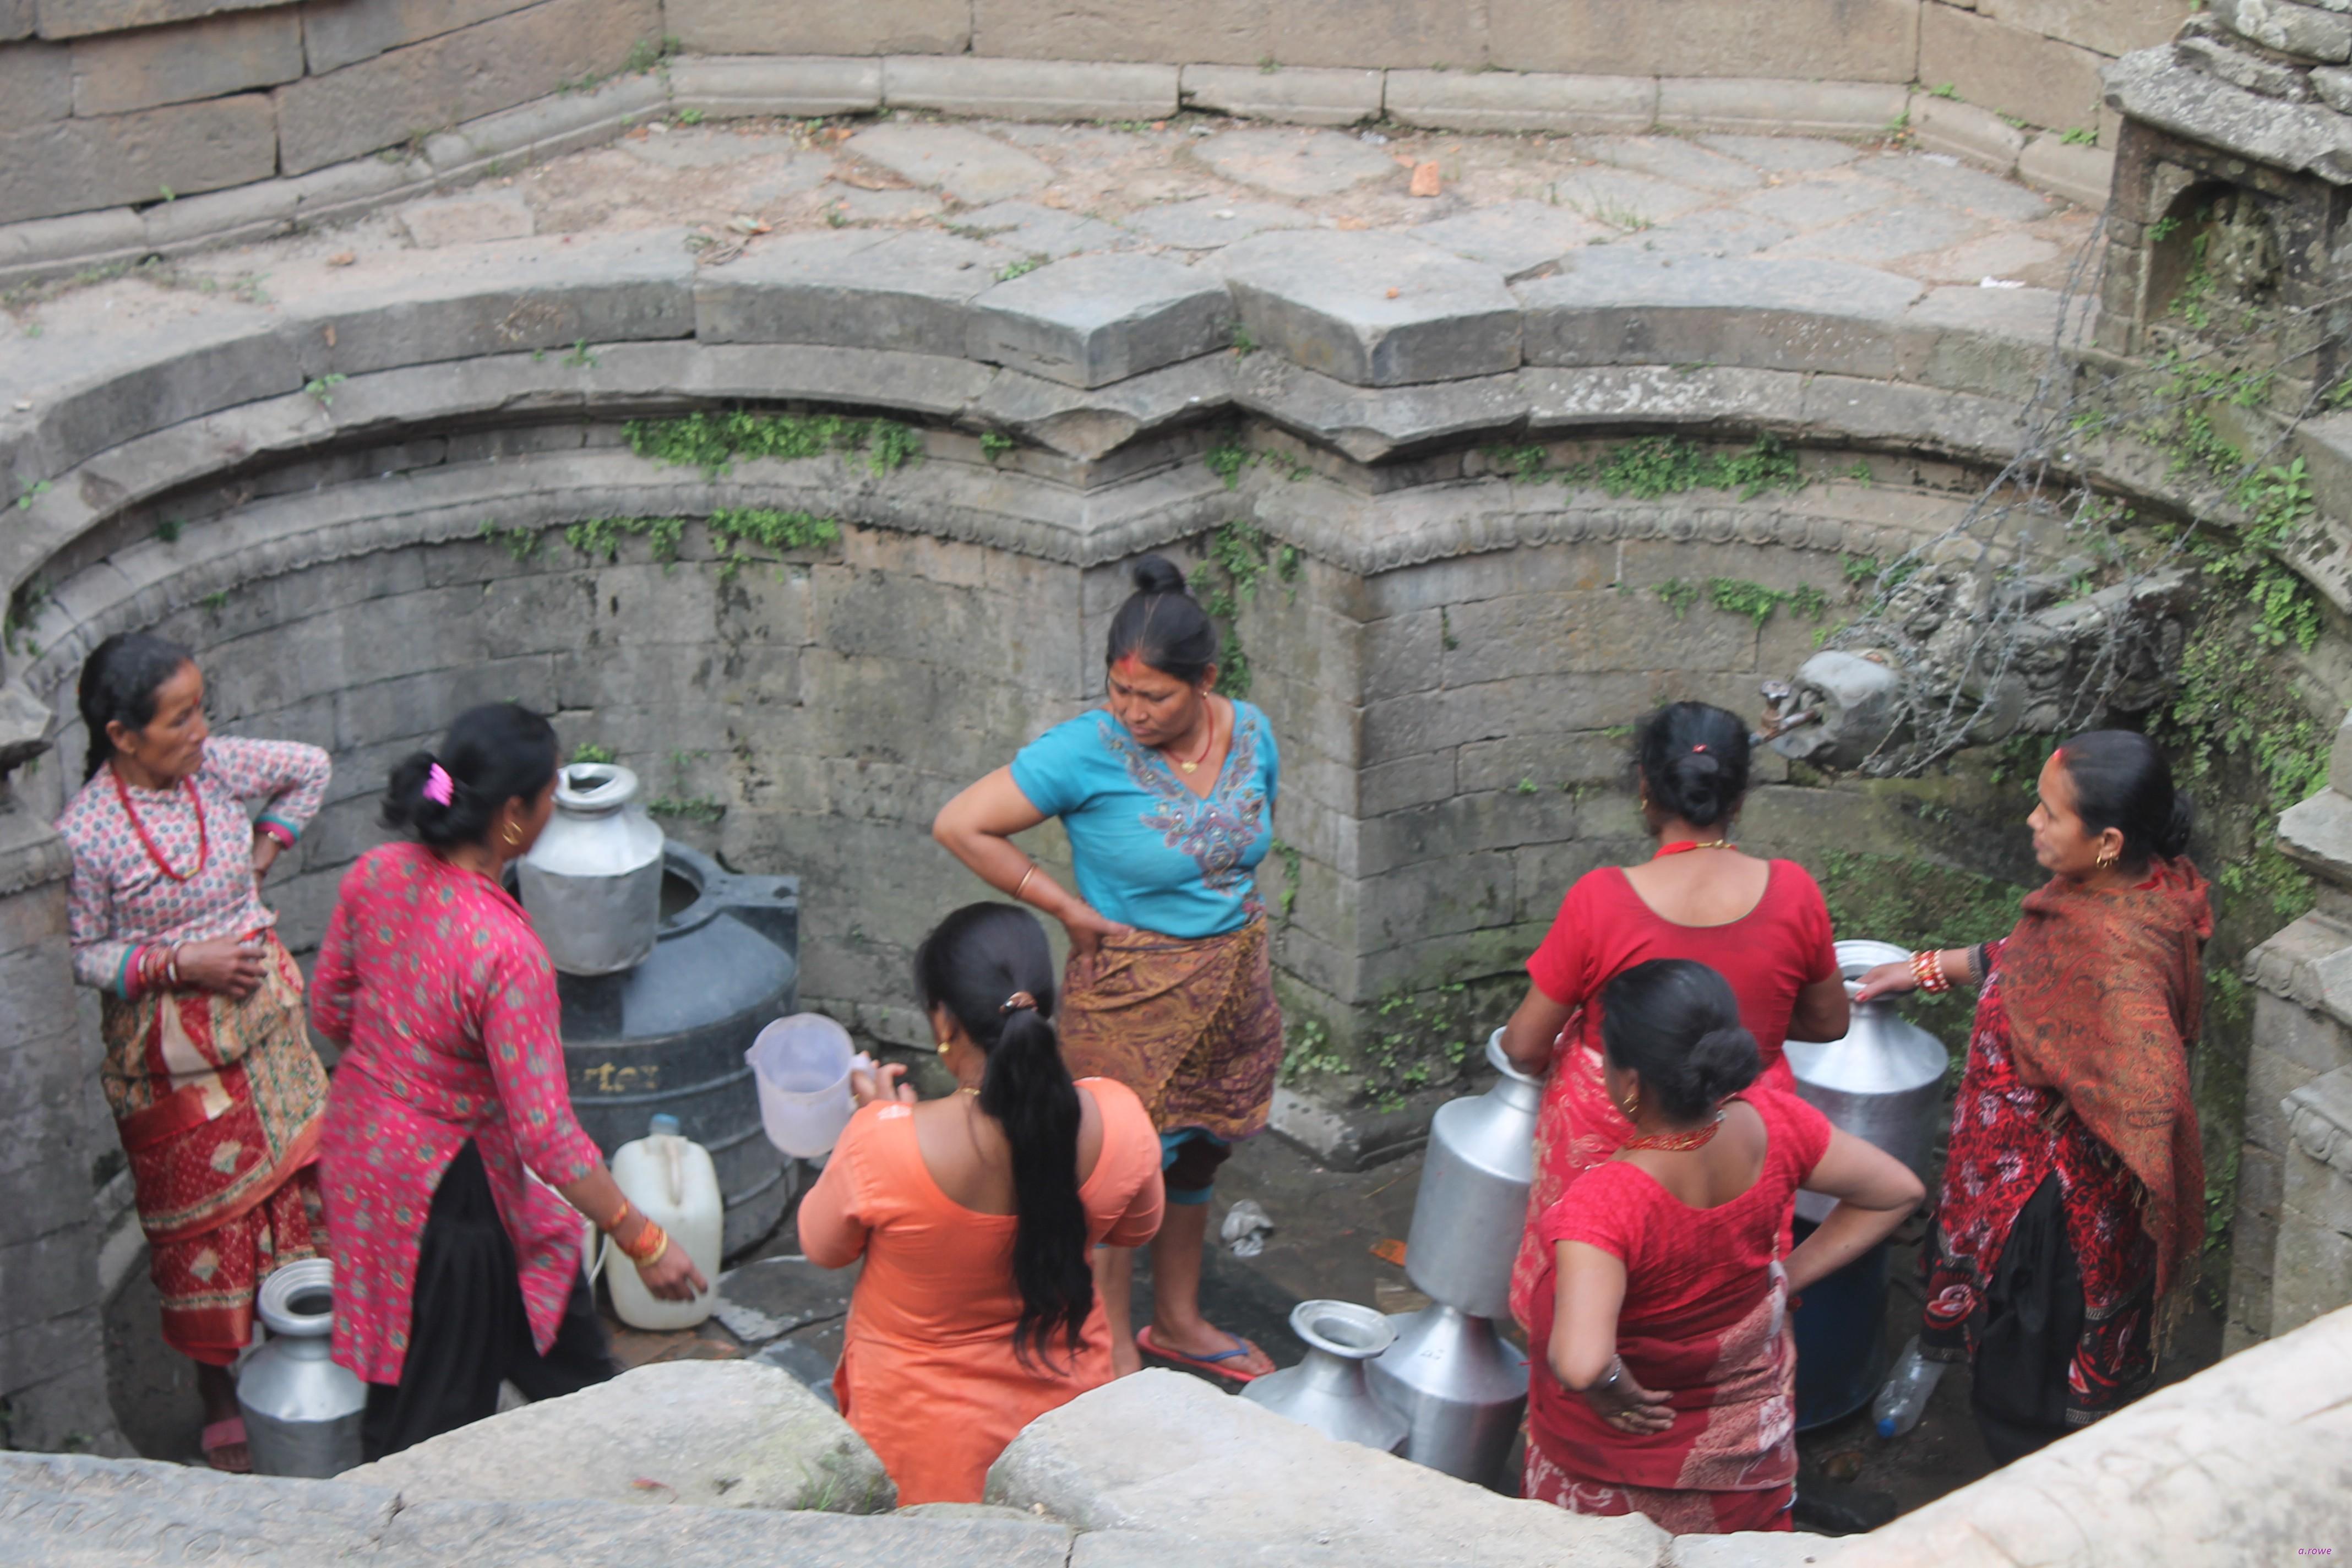 il villaggio di Changu Narayan @posh_backpackers